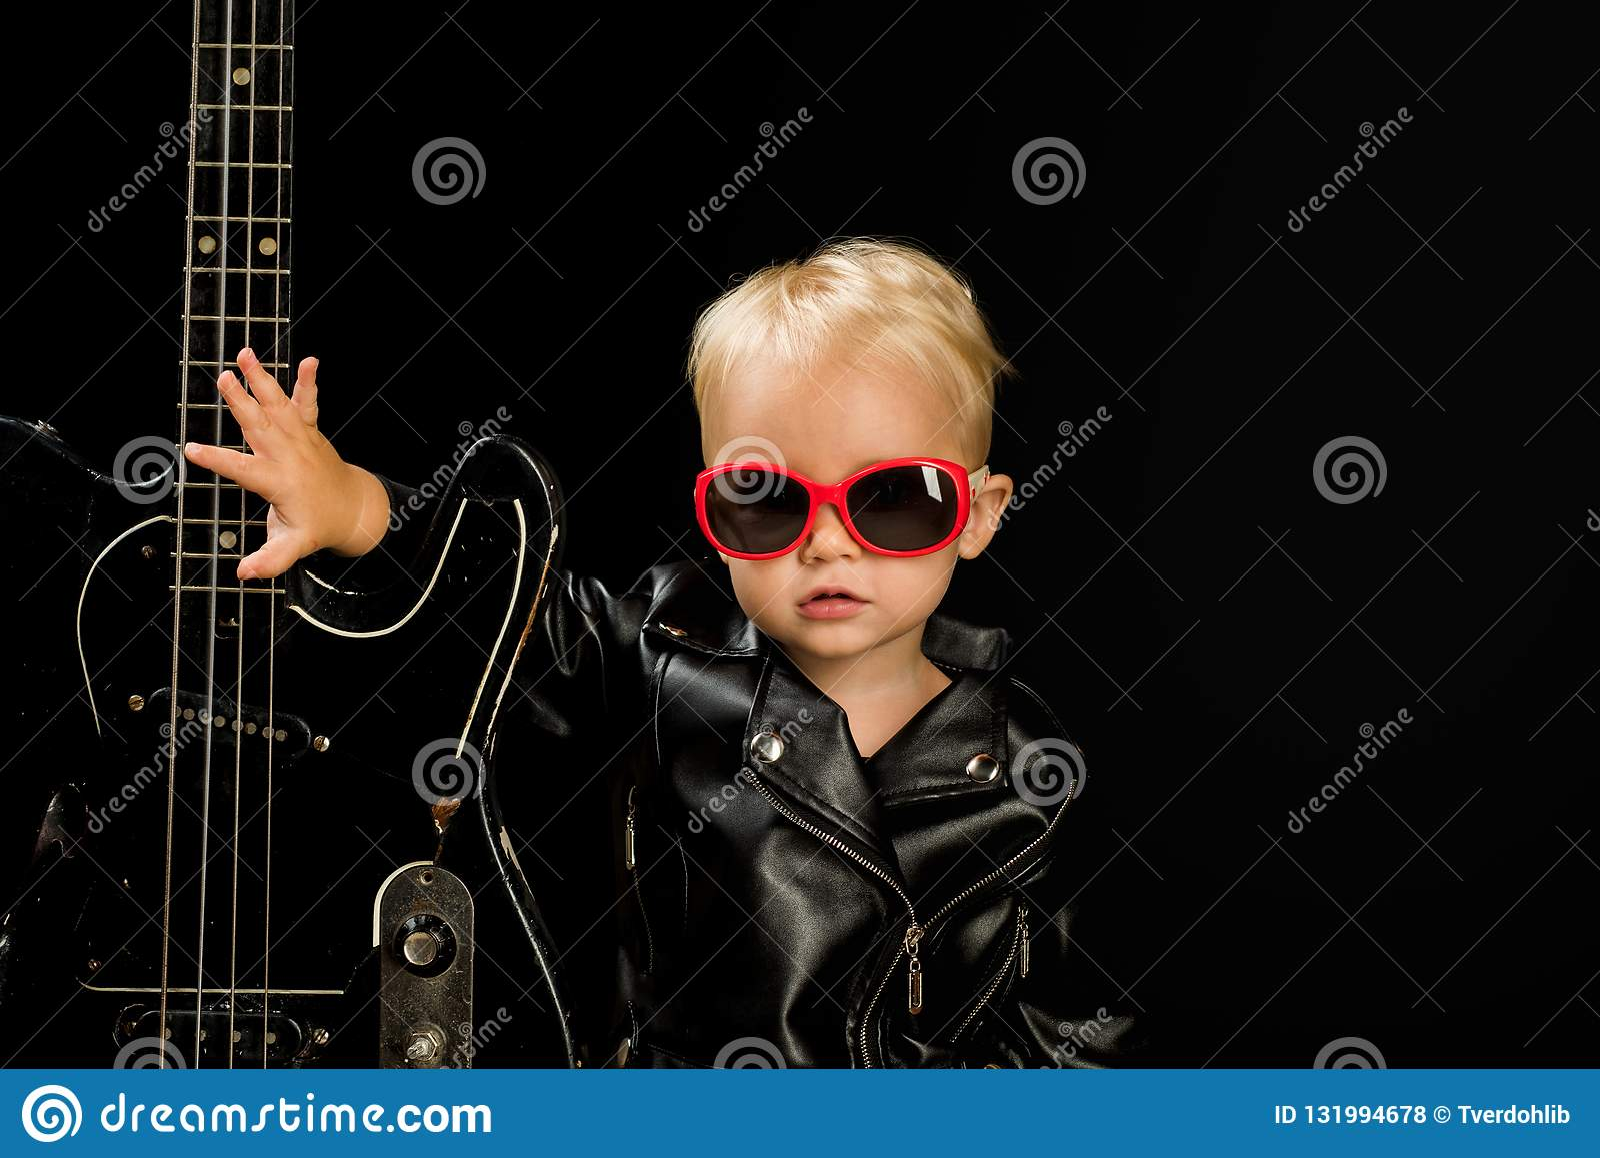 Musik för alla Förtjusande liten musikfan Liten musiker Little rockstjärna Barnpojke med gitarren gitarrist little